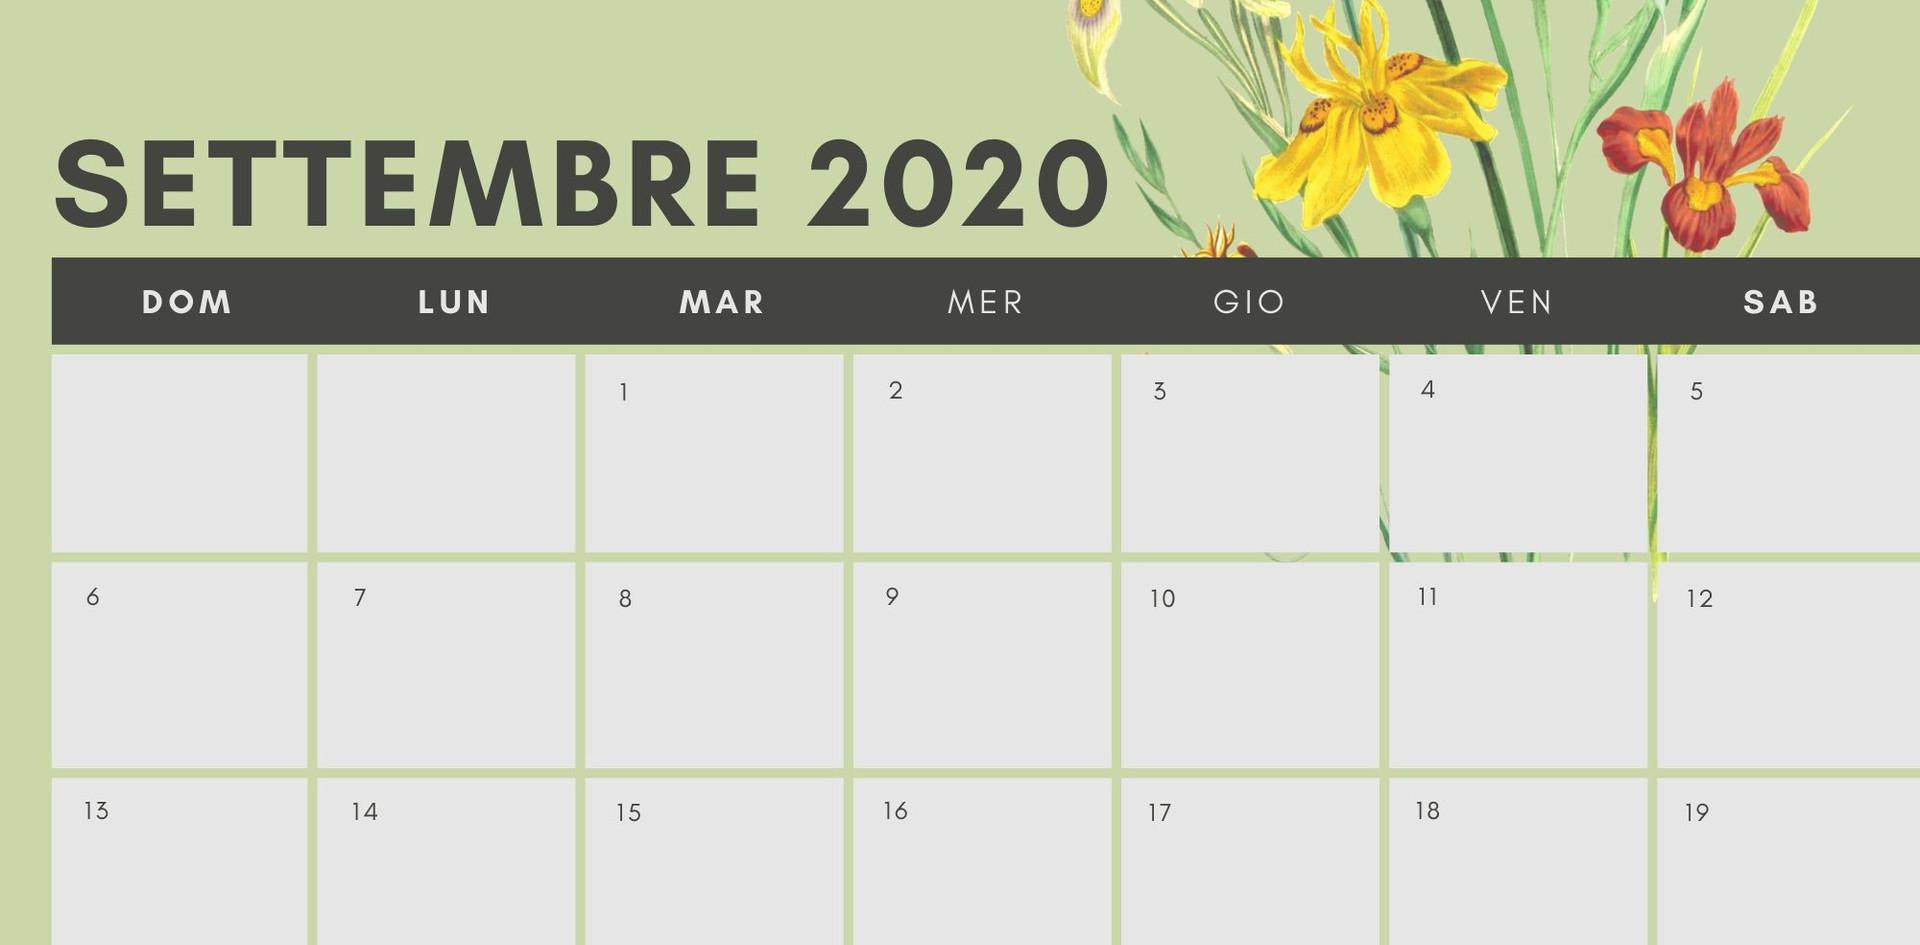 Settembre 2020